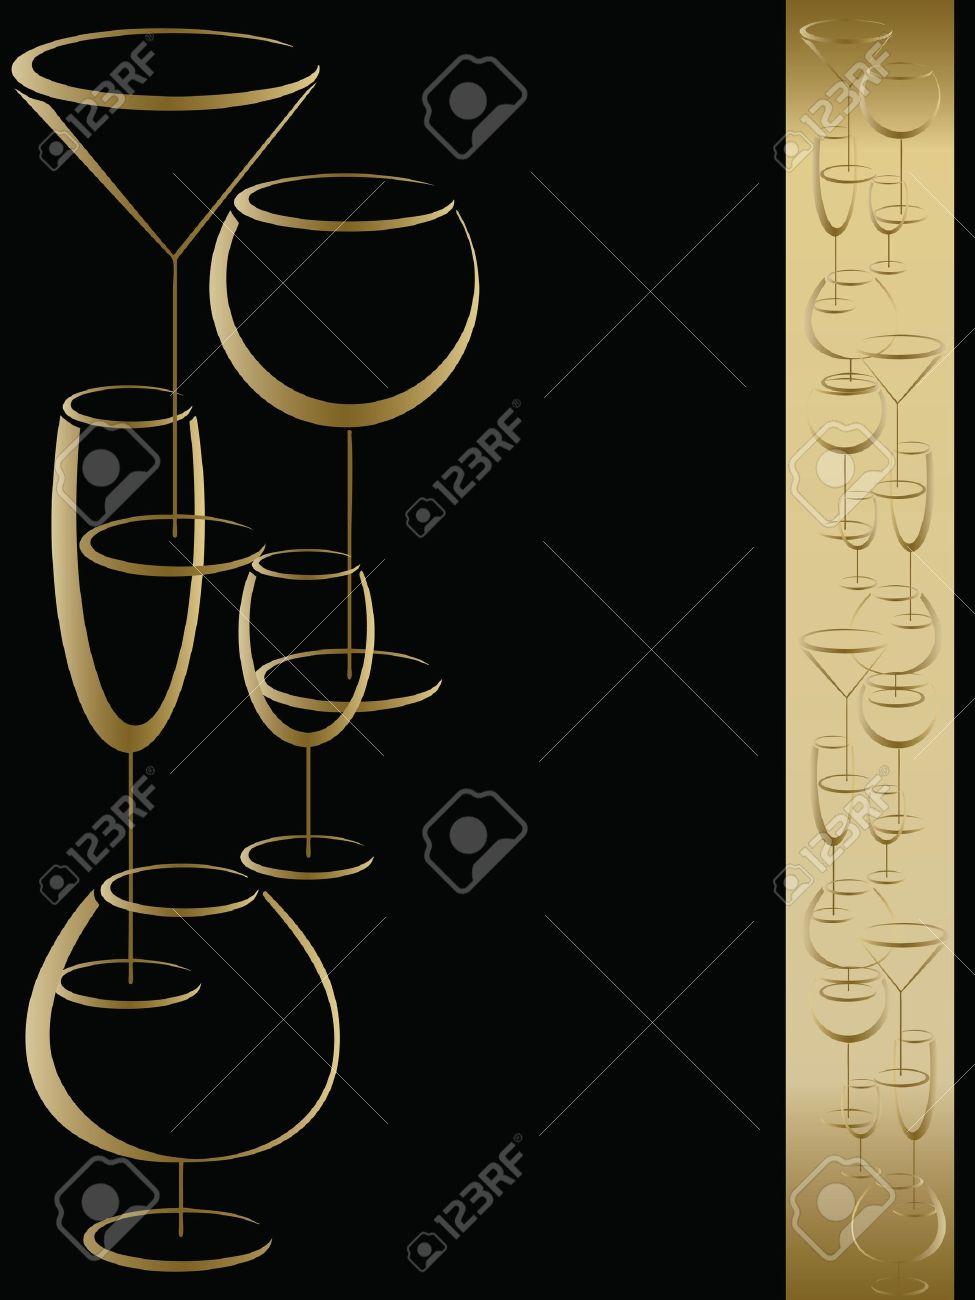 Bar Wine Card Menu Royalty Free Cliparts, Vectors, And Stock ...